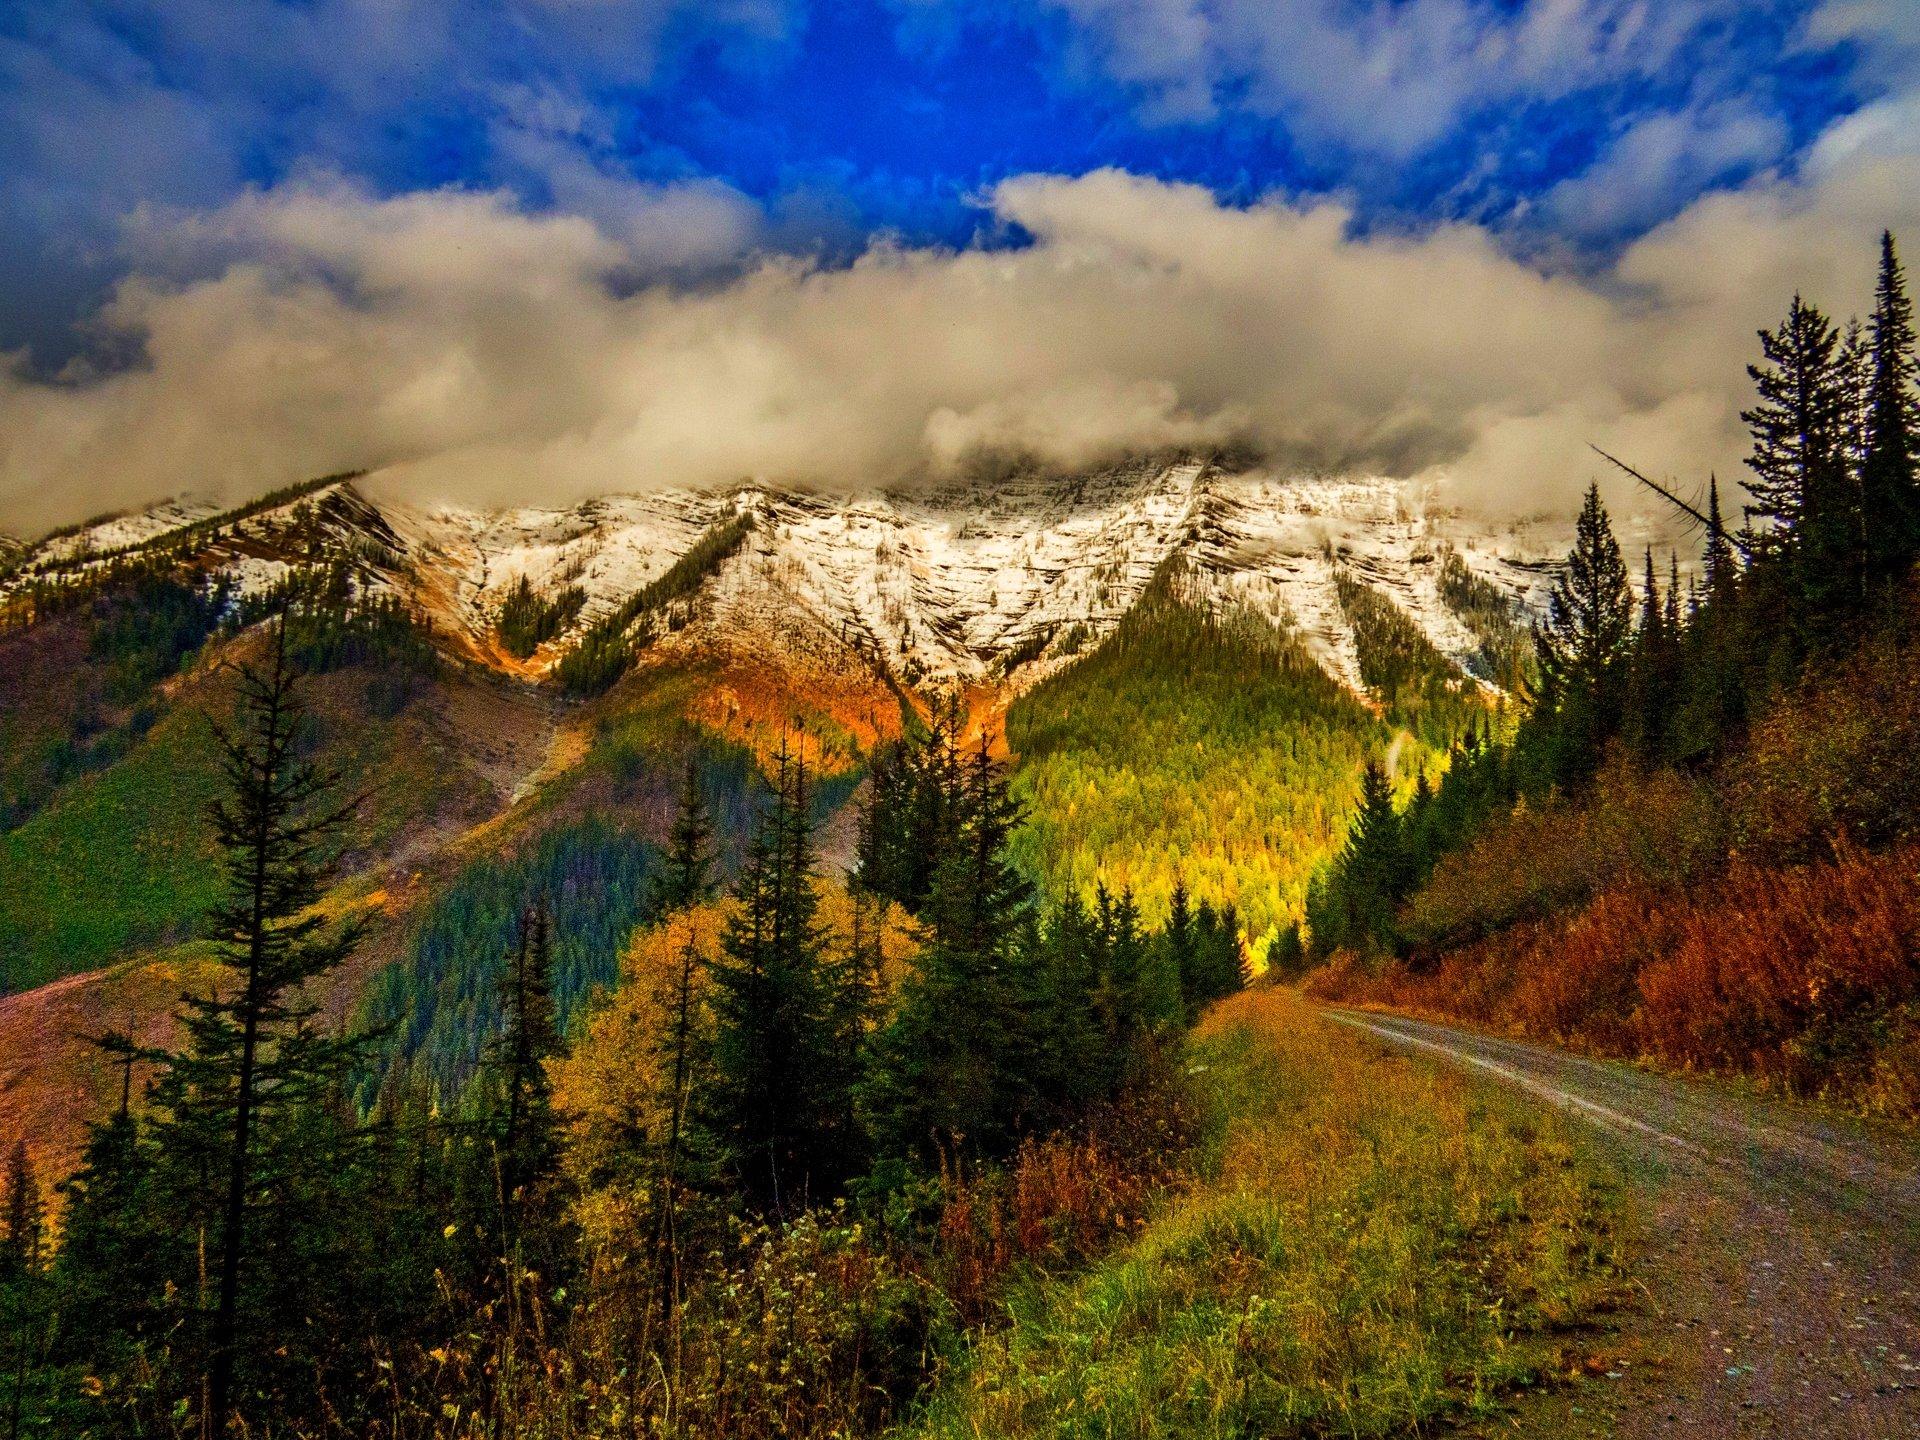 нем фото картинки природа в горах осень шедевры высокой